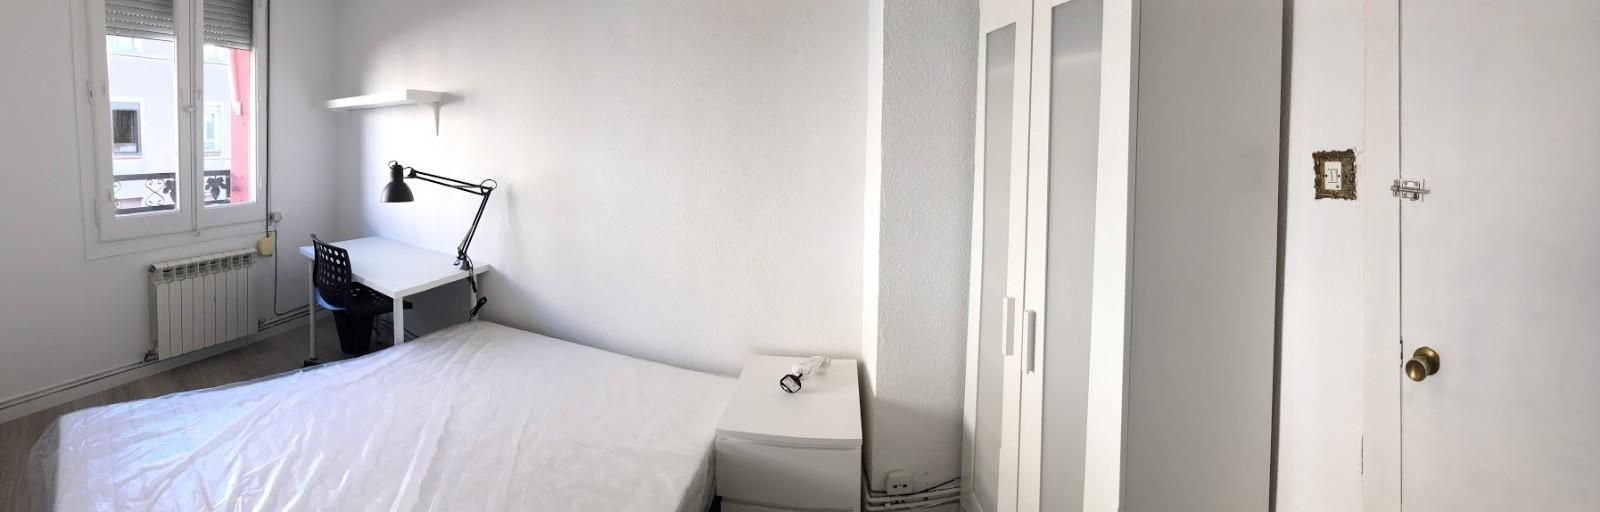 Habitación en zona universitaria en Zaragoza